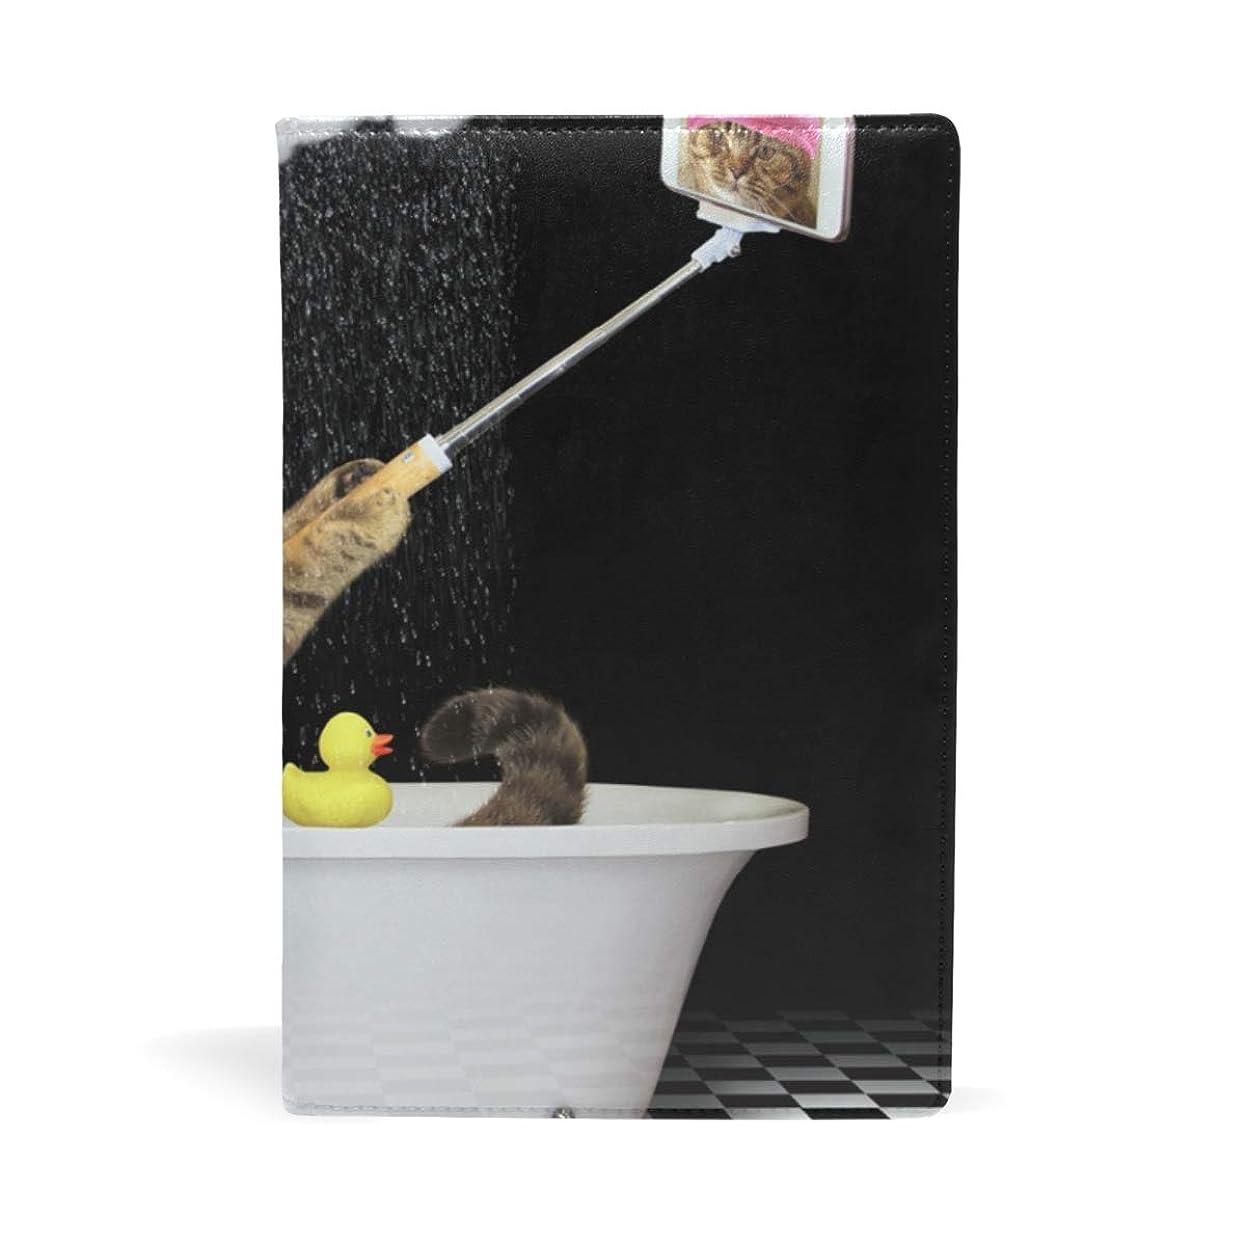 終了するショート変装雨の中でシャワ浴びる猫 ブックカバー 文庫 a5 皮革 おしゃれ 文庫本カバー 資料 収納入れ オフィス用品 読書 雑貨 プレゼント耐久性に優れ